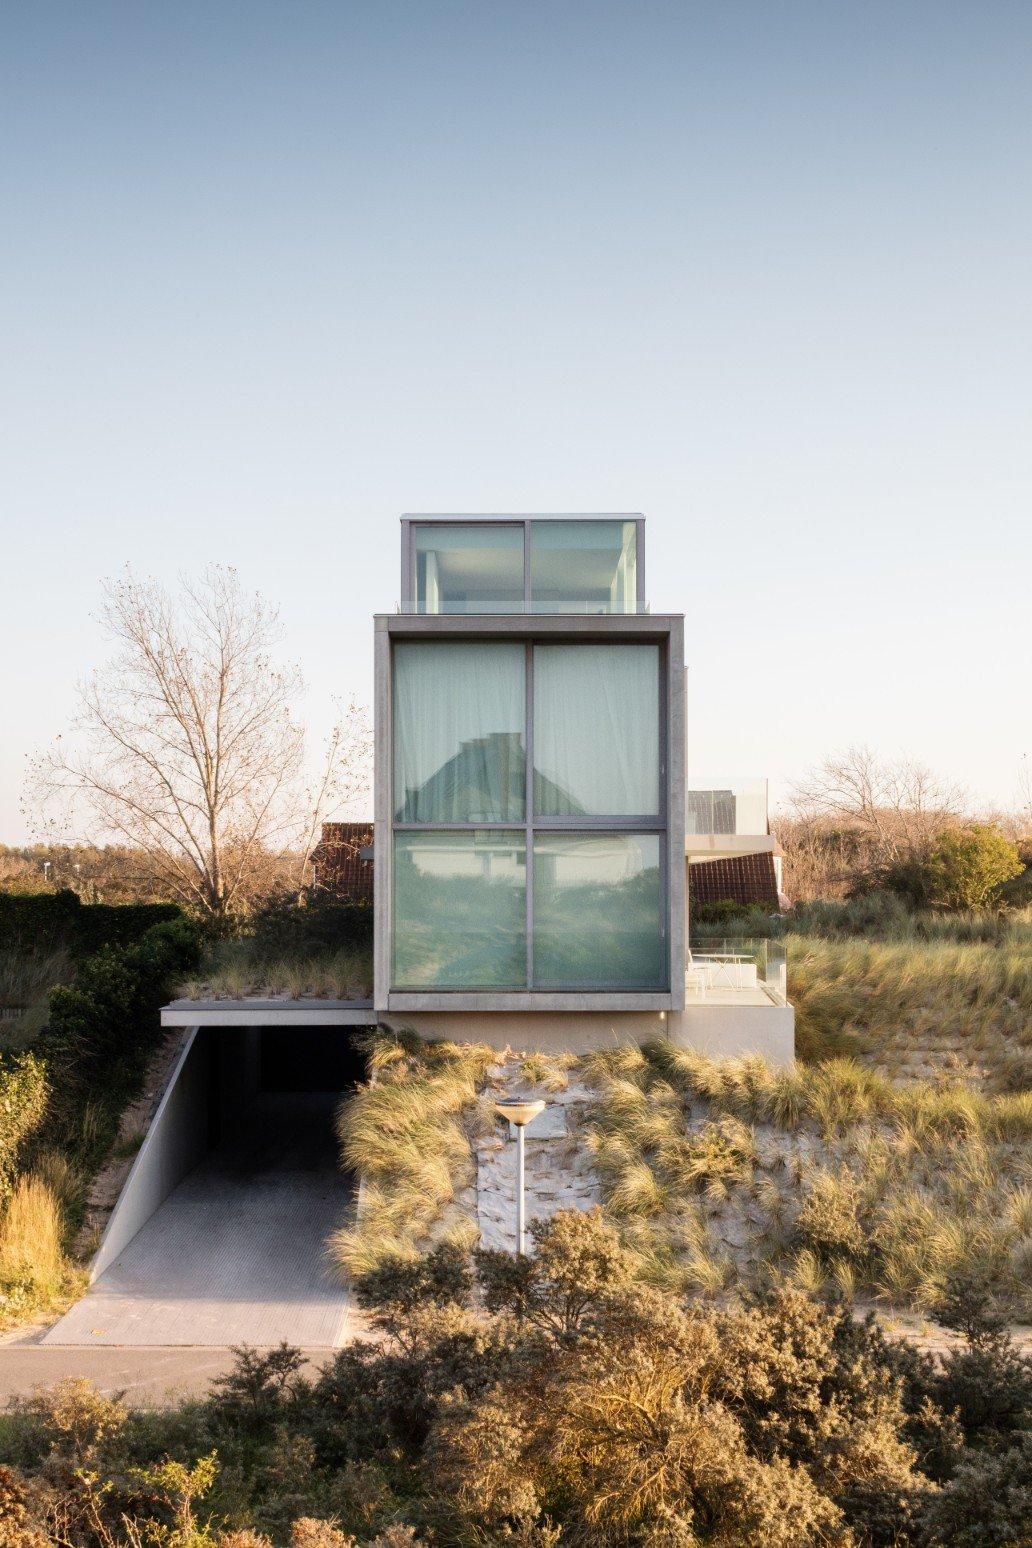 Rietveldprojects-saarinen-appartement-design-architectuur-kust-tvdv18.jpg